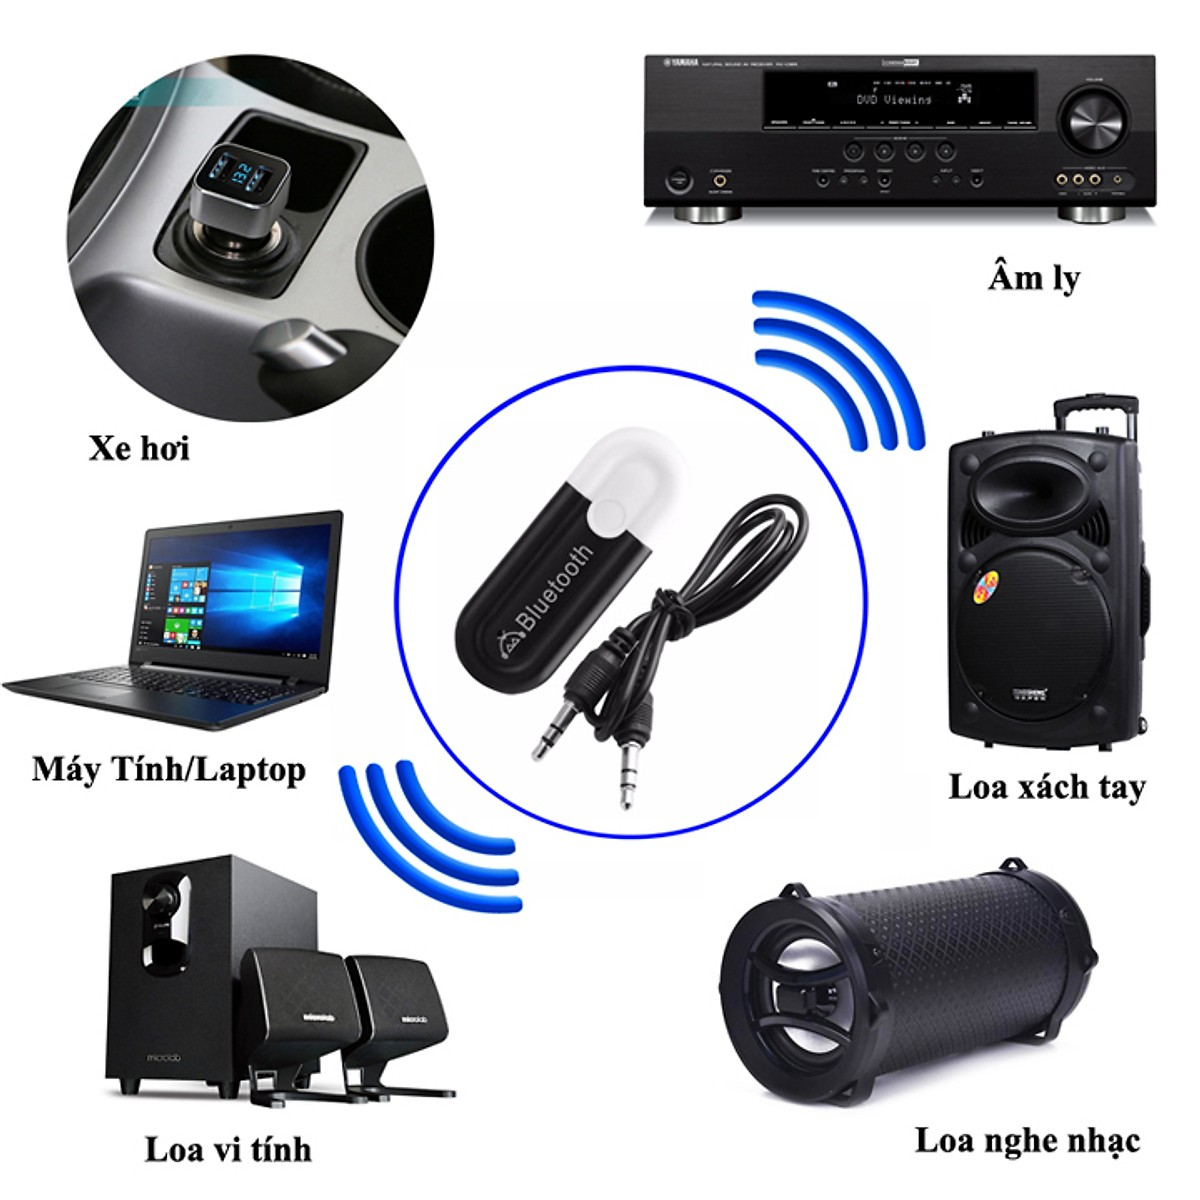 USB Bluetooth Cho Loa,  ÂM ly, Tivi HJX-001